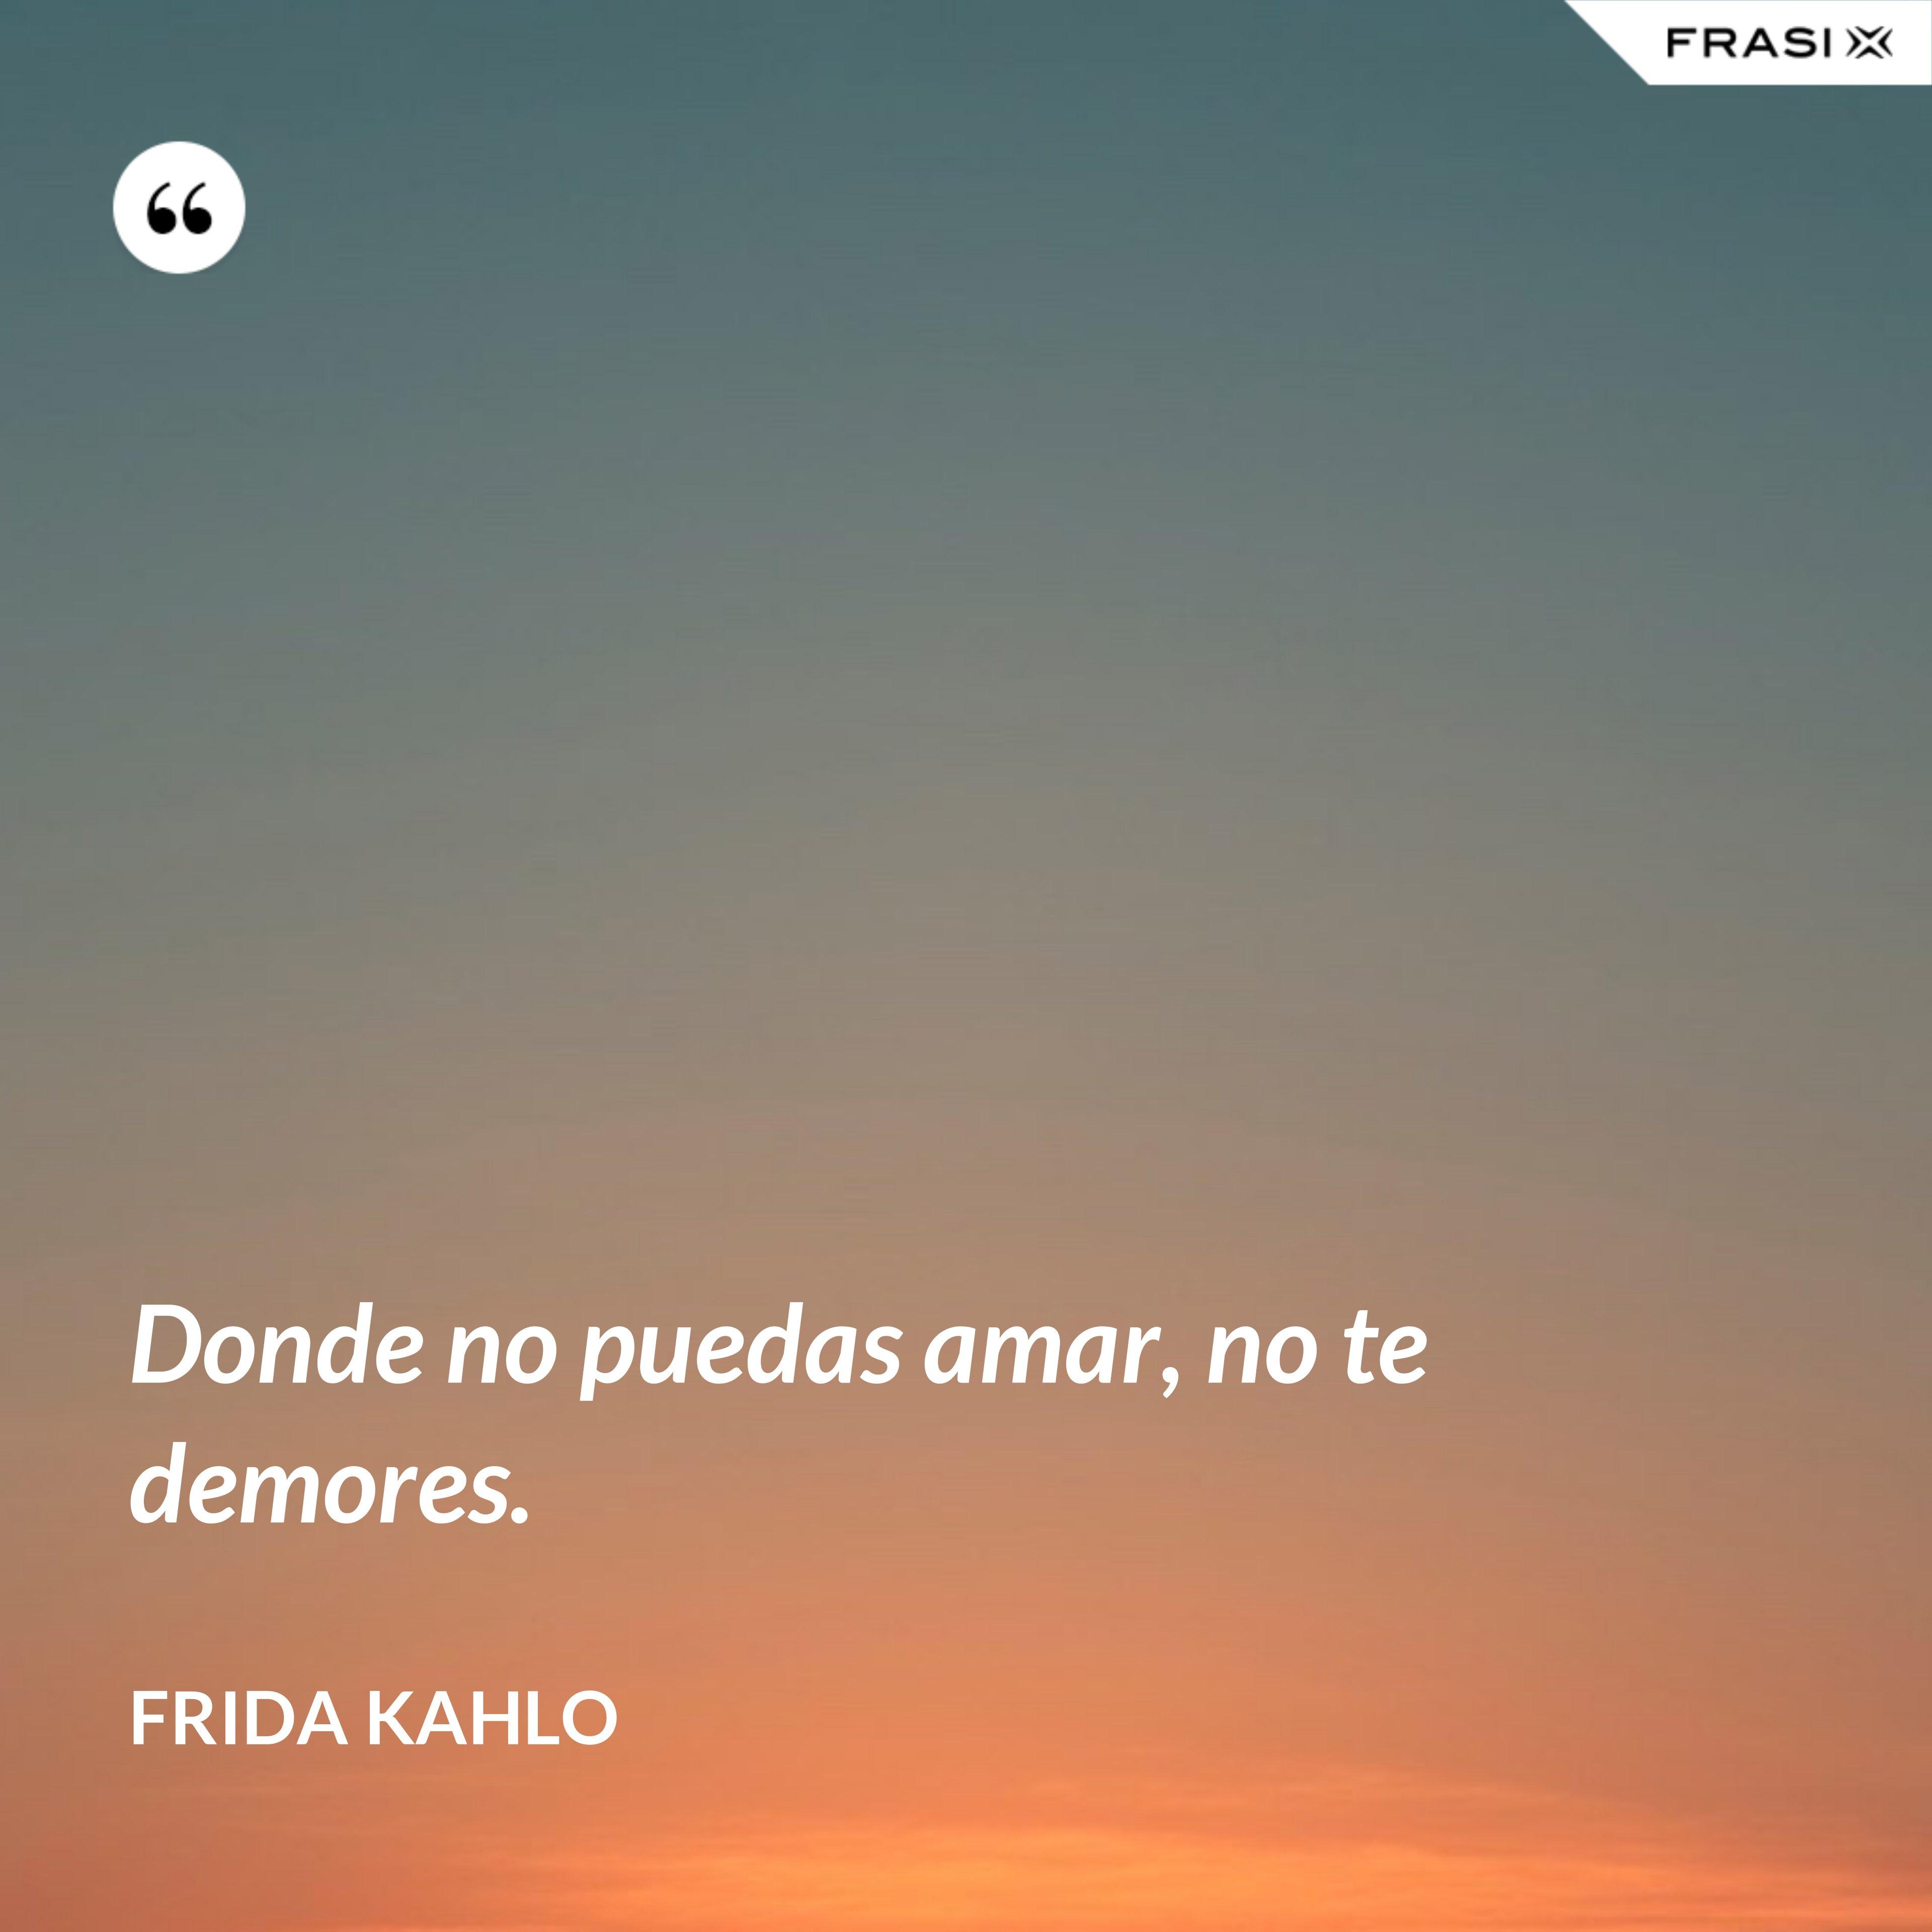 Donde no puedas amar, no te demores. - Frida Kahlo